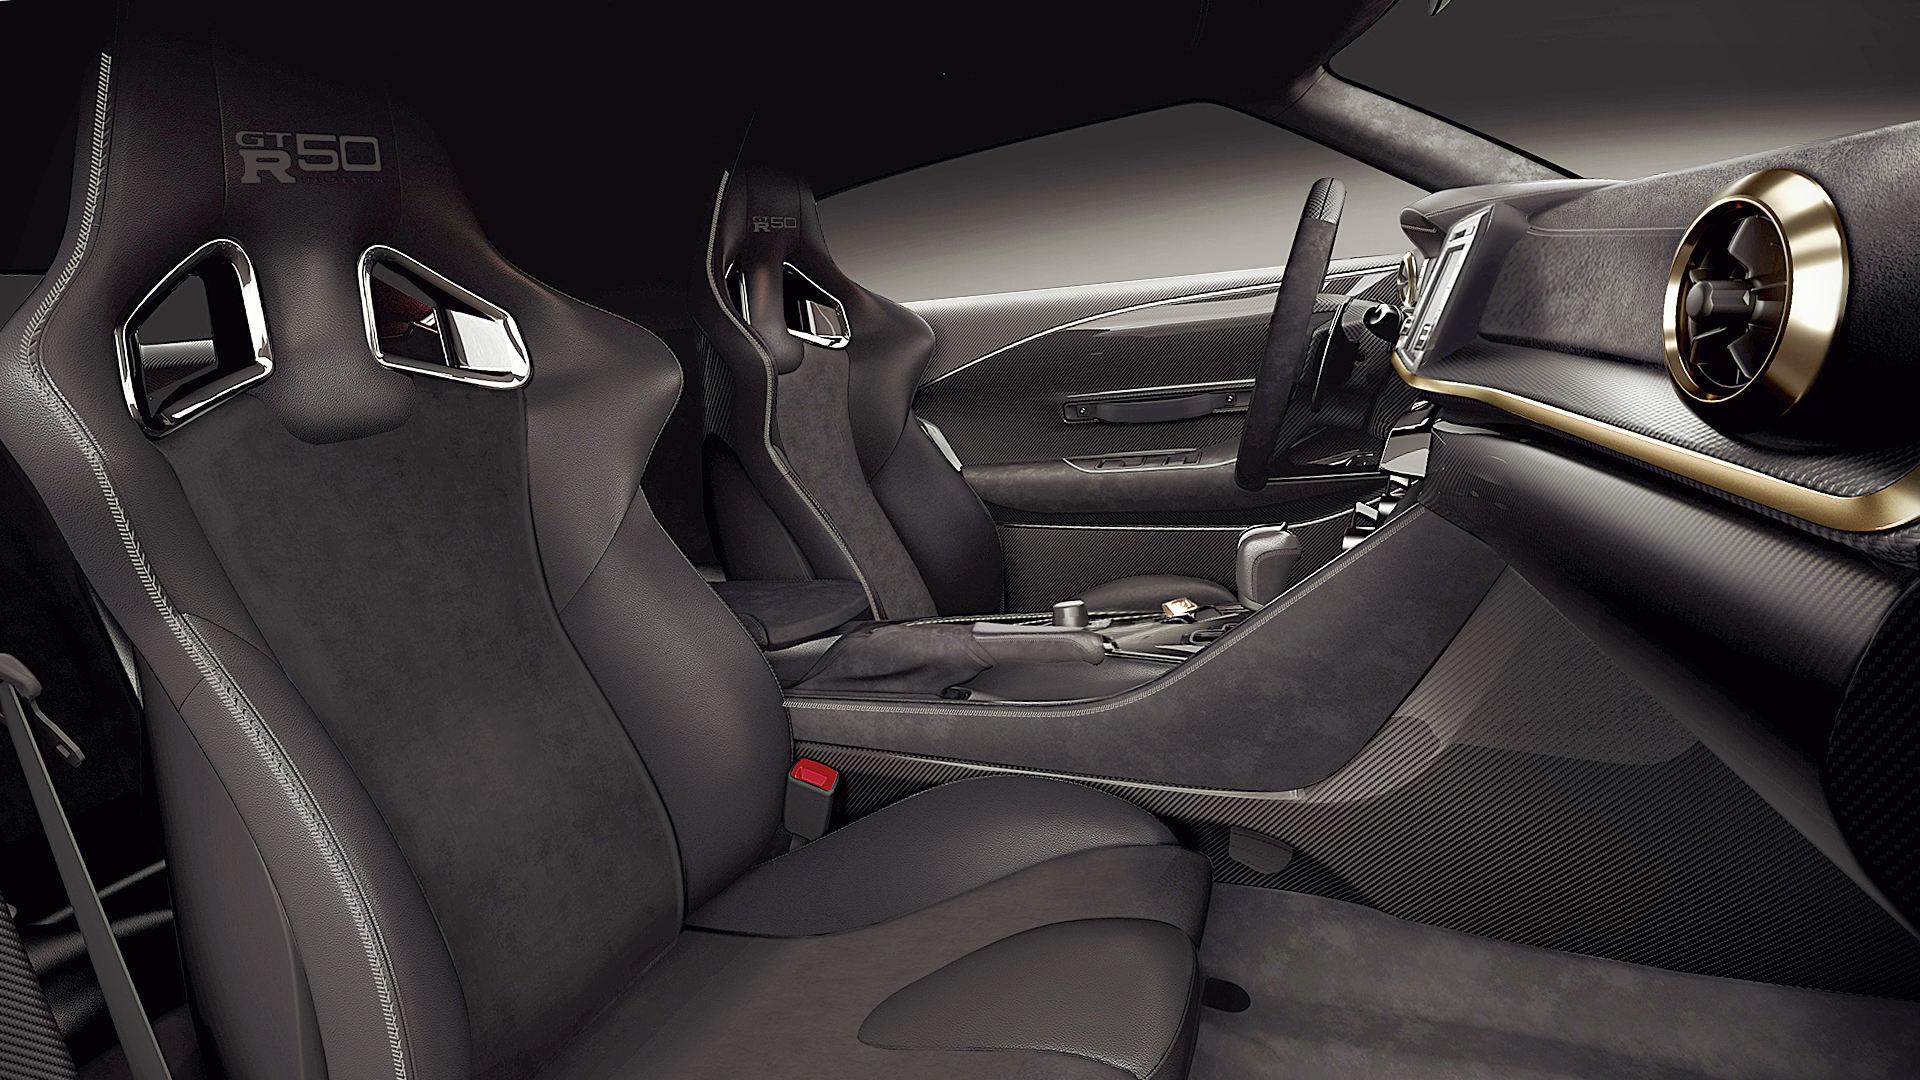 2021 Nissan GT-R50 Italdesign Interior Inside